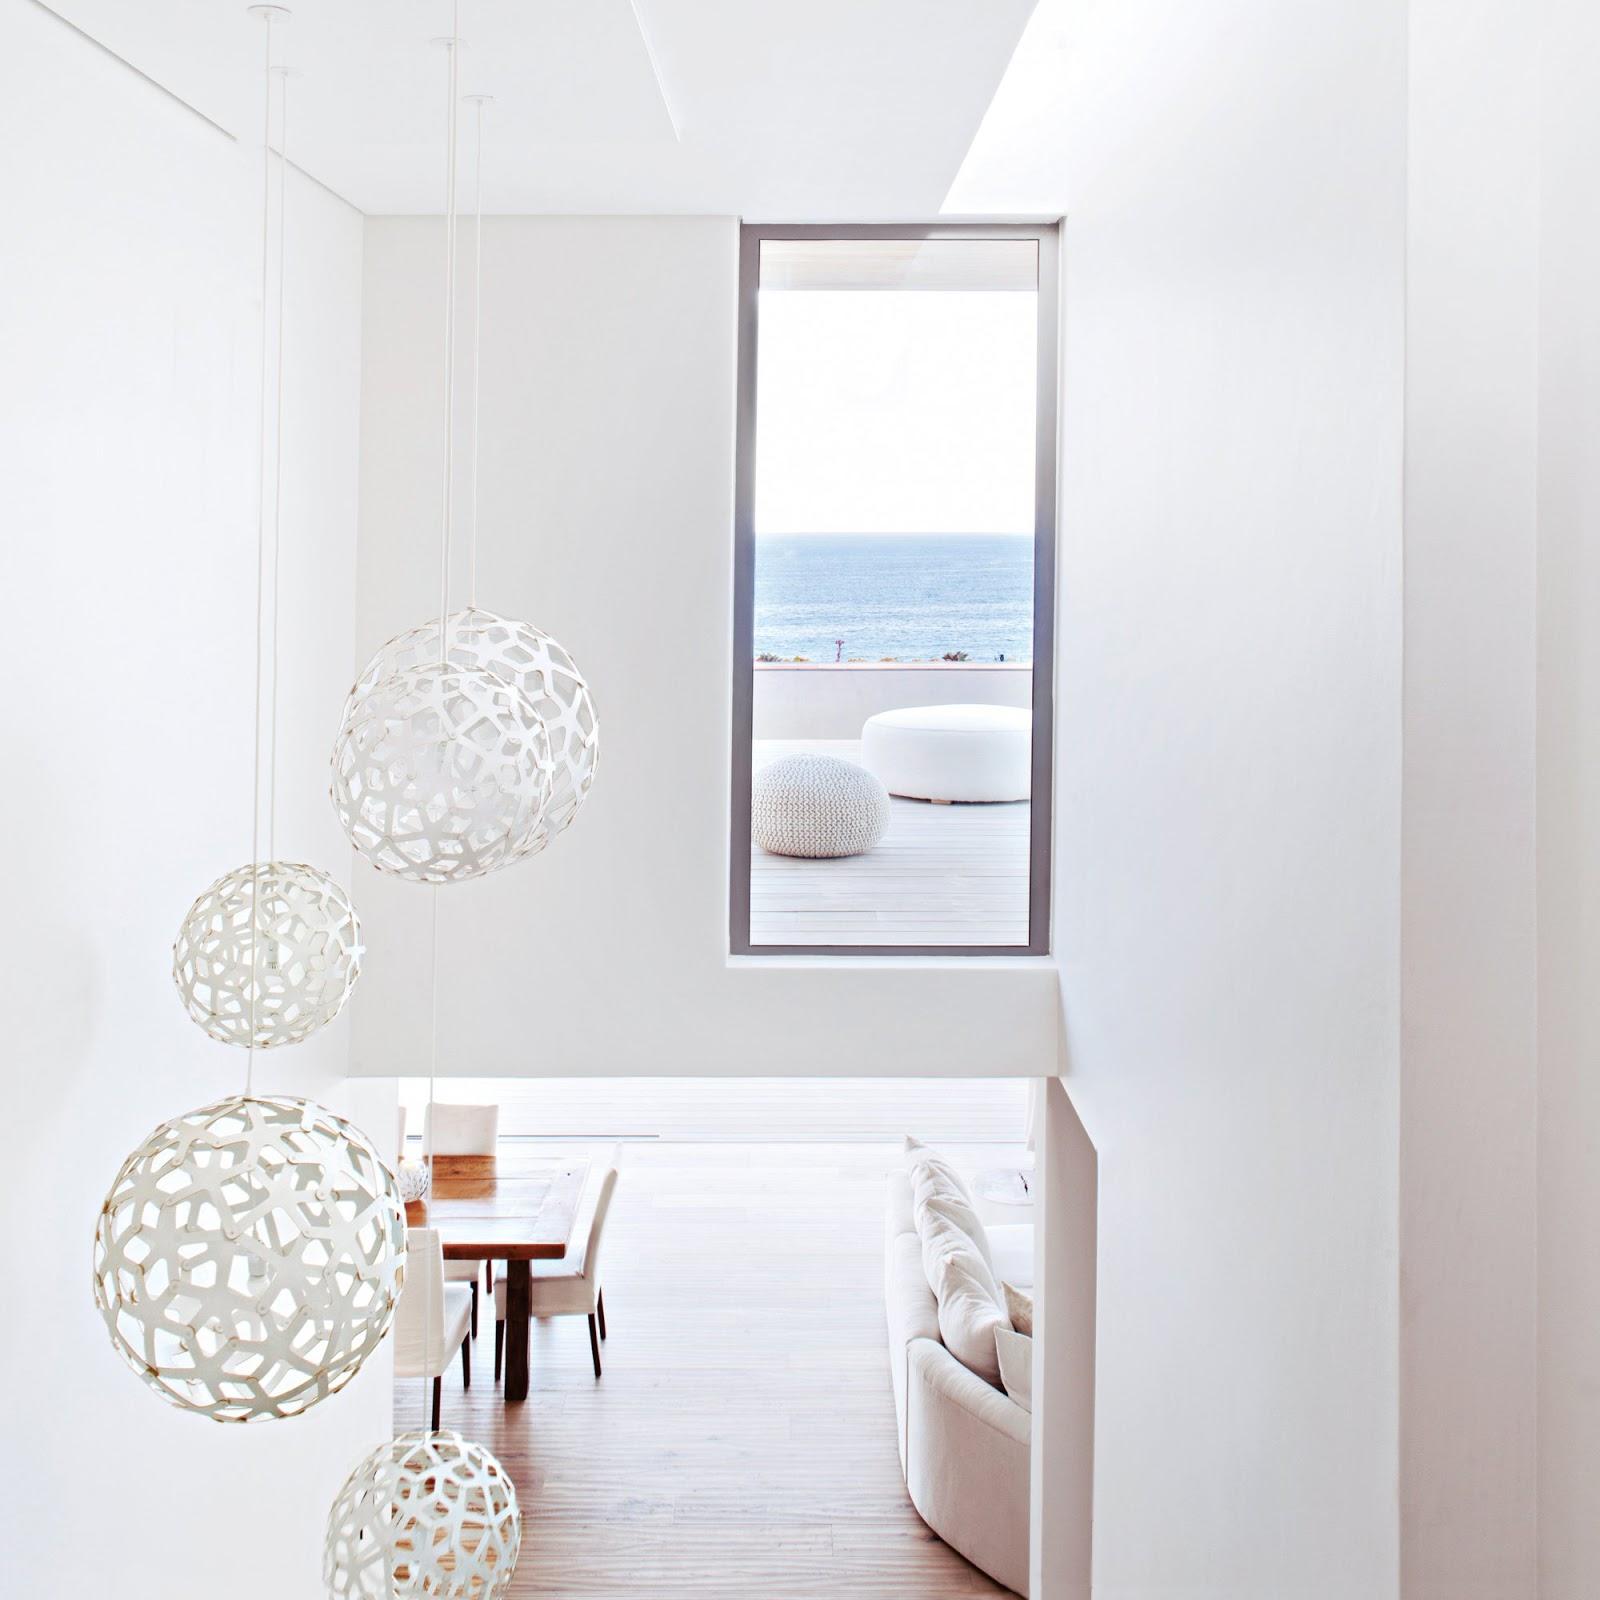 decordemon: A dream home with ocean views